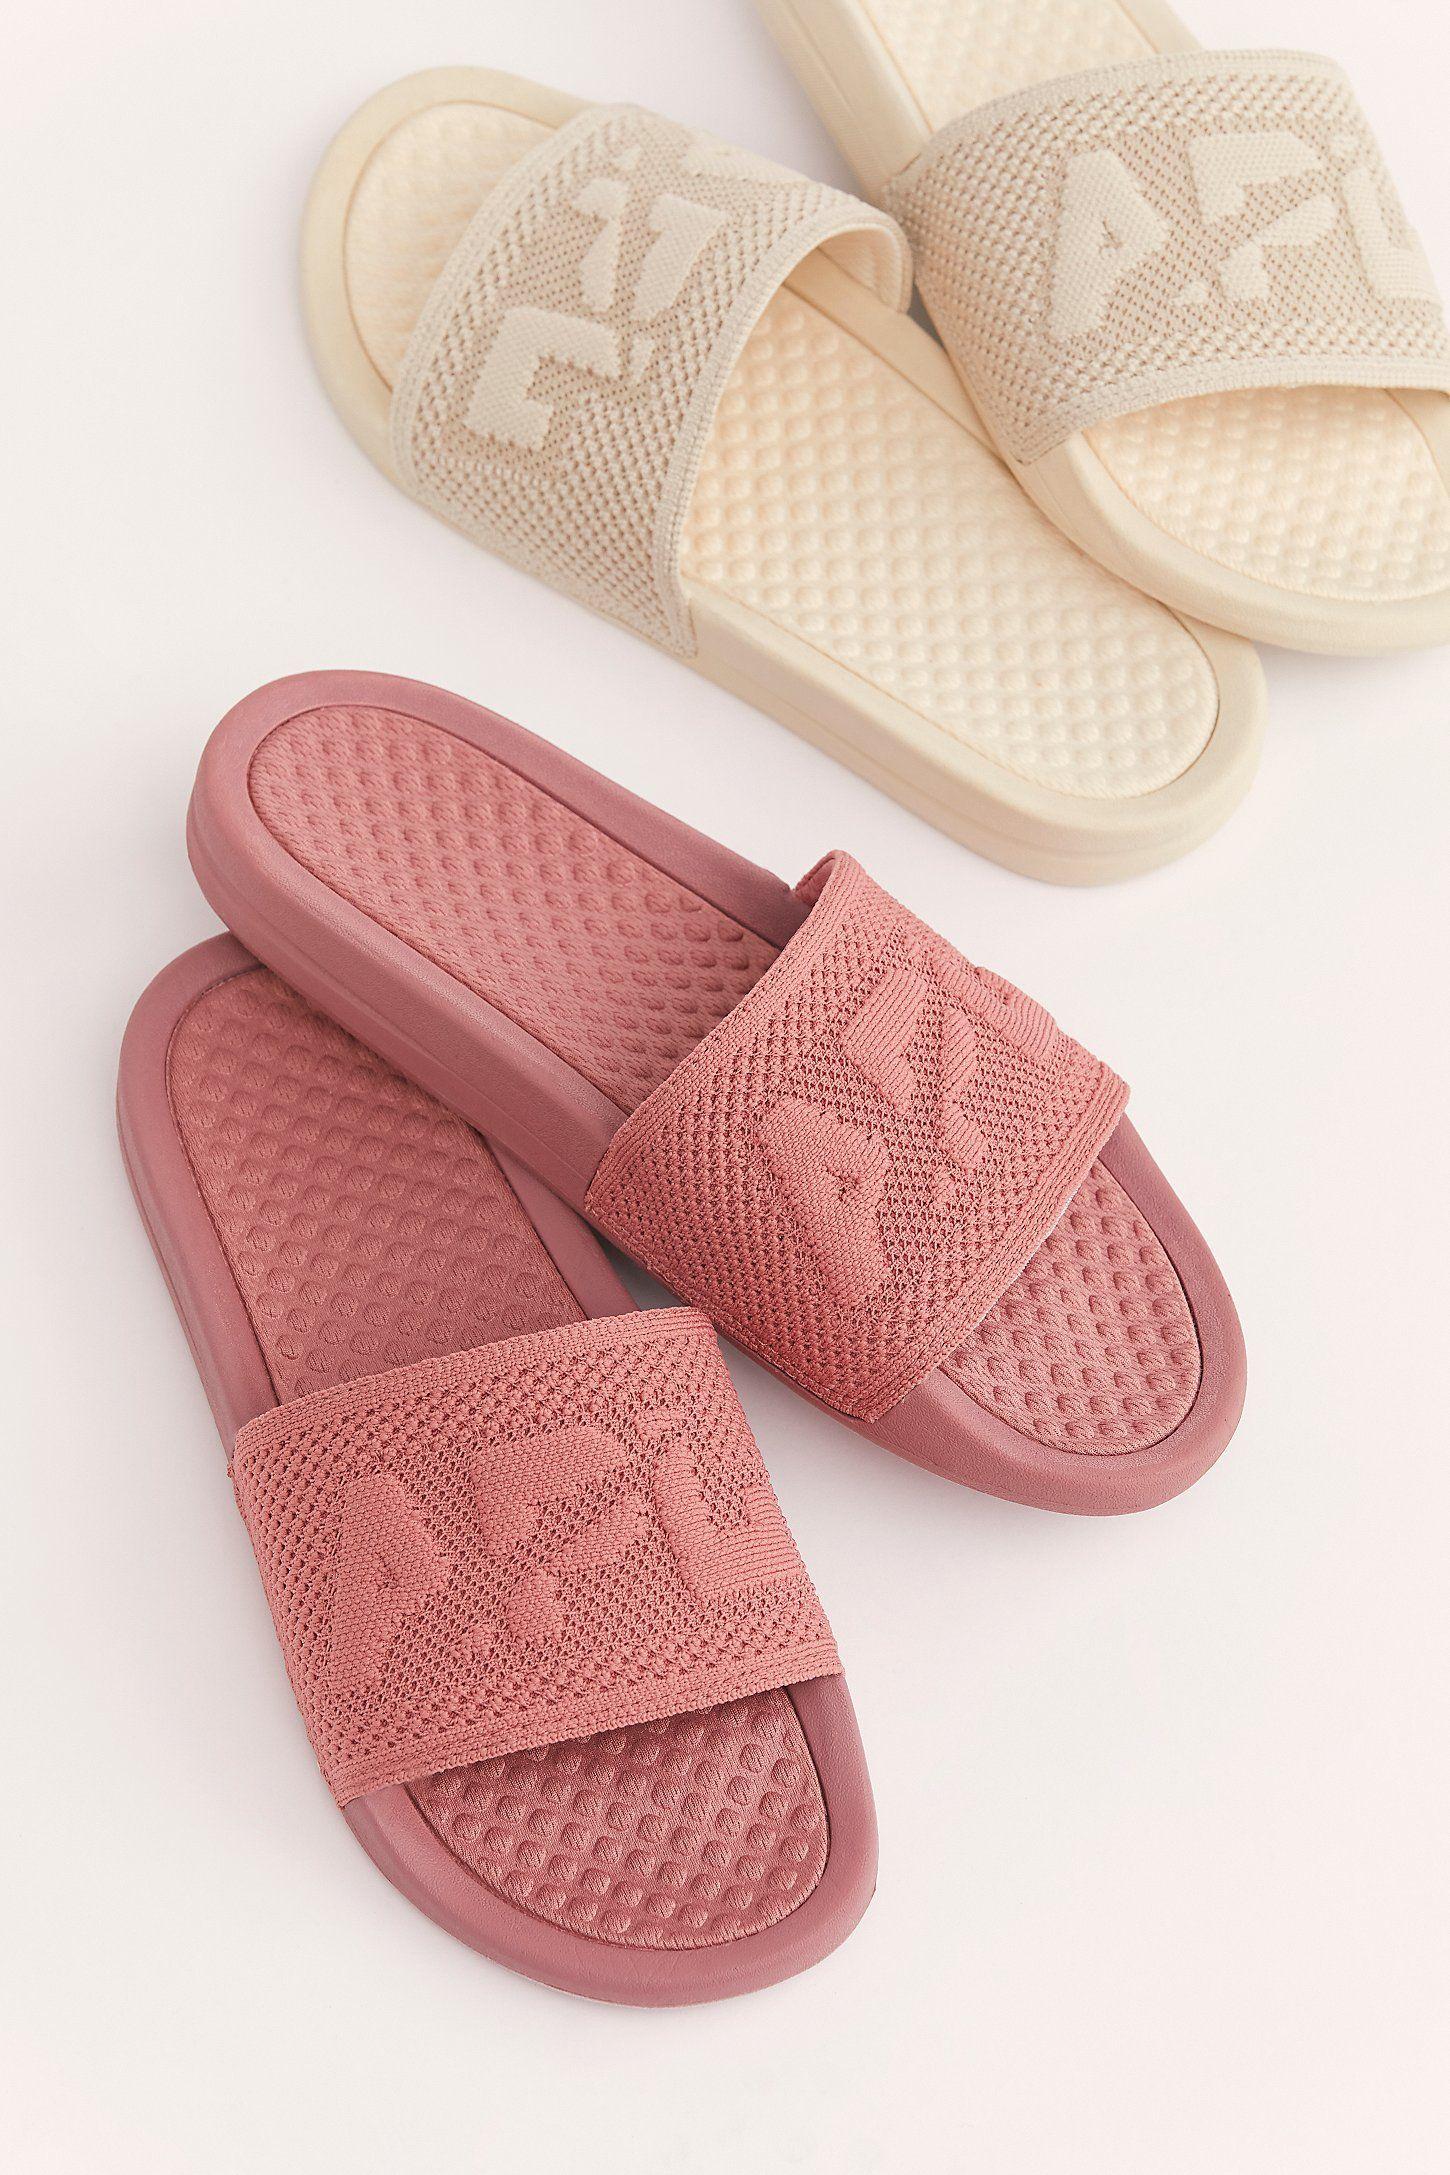 APL Techloom Slide Sandals | Apl, Apl